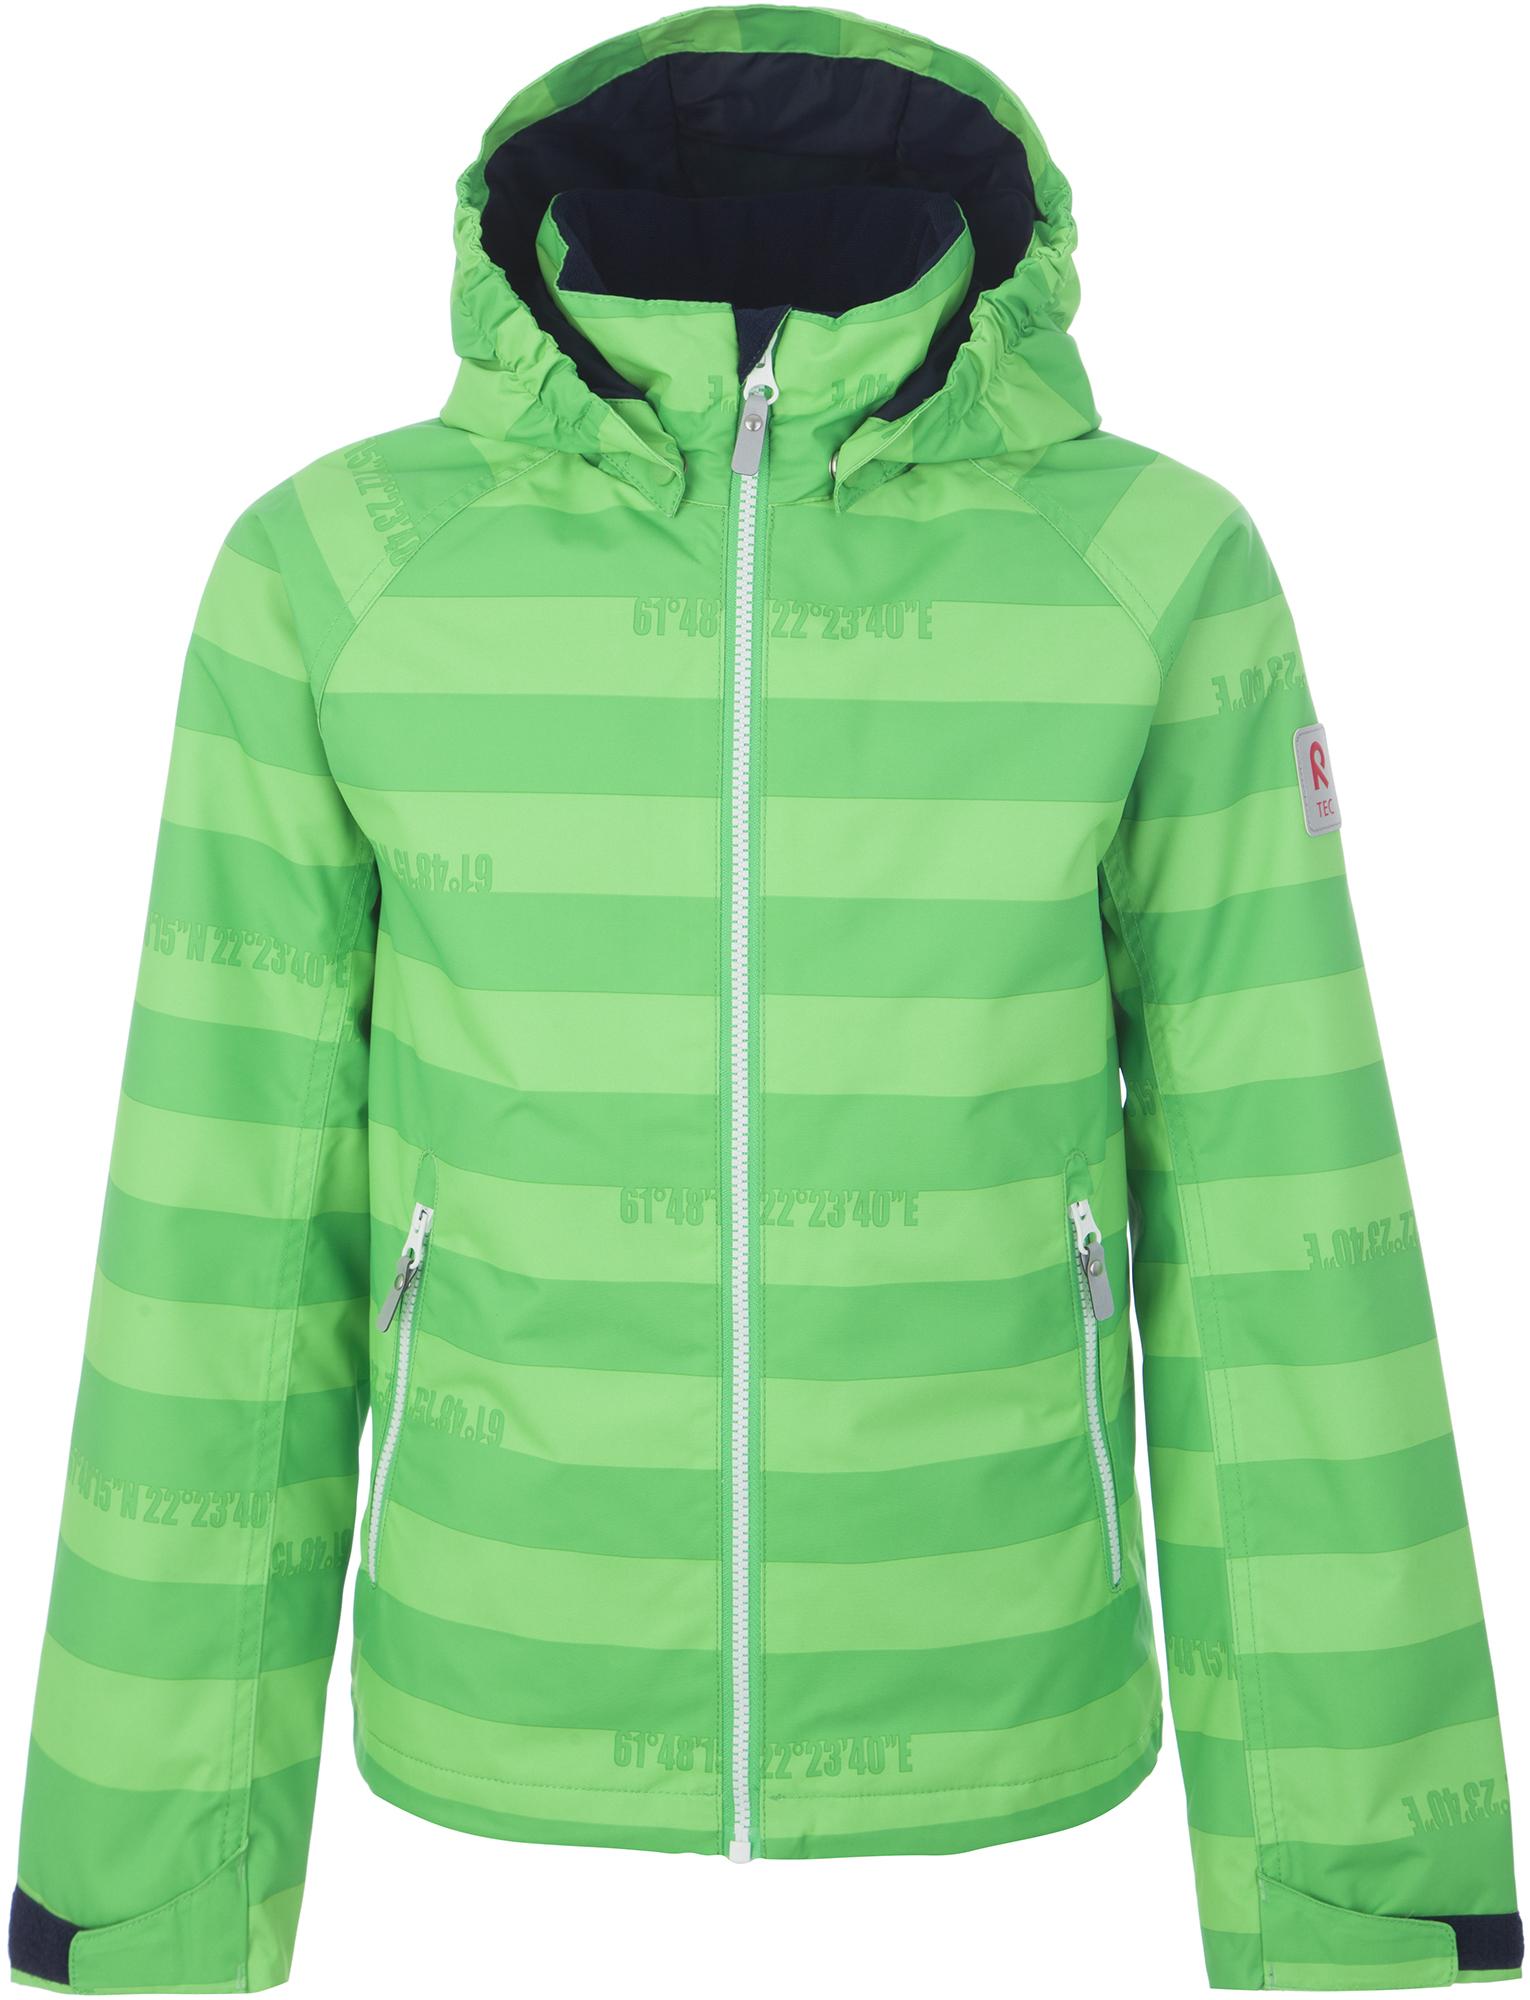 Reima Куртка утепленная для мальчиков Reima Schiff, размер 122 куртка для девочки reima цвет розовый 5313864410 размер 110